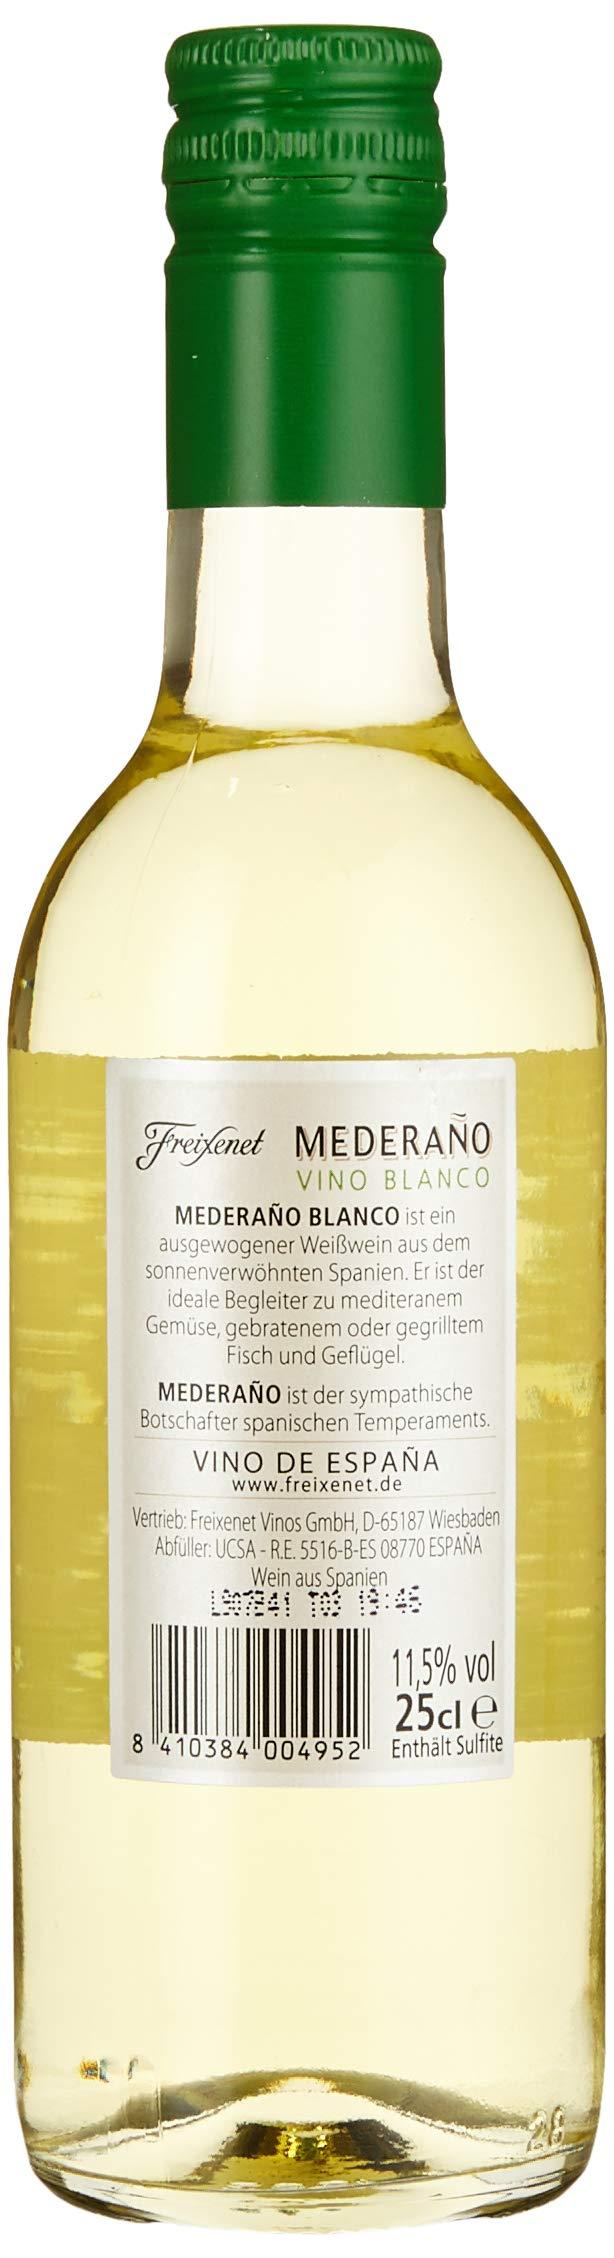 Mederao-Blanco-Wein-1